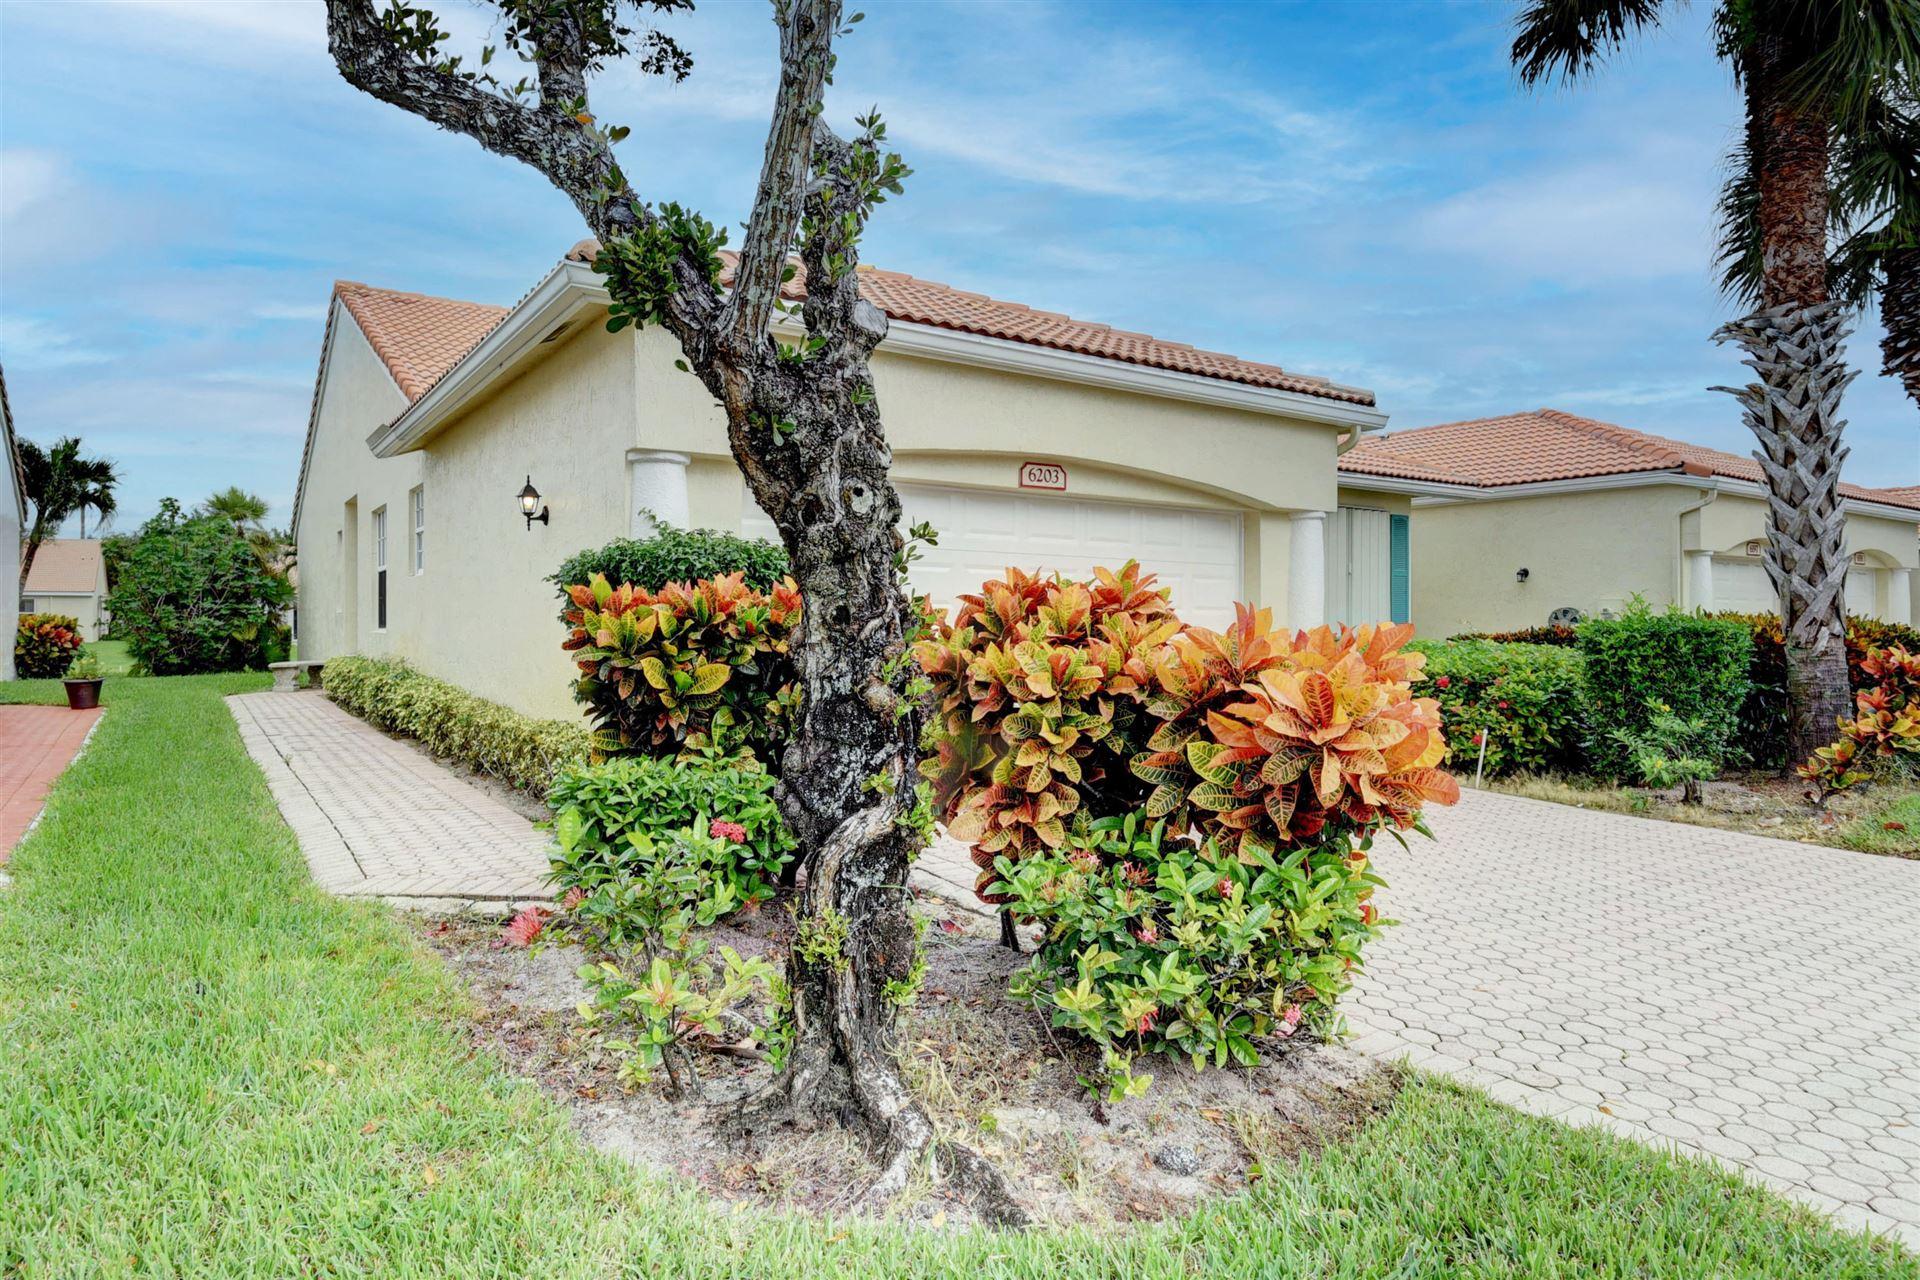 6203 Caladium Road, Delray Beach, FL 33484 - #: RX-10668409